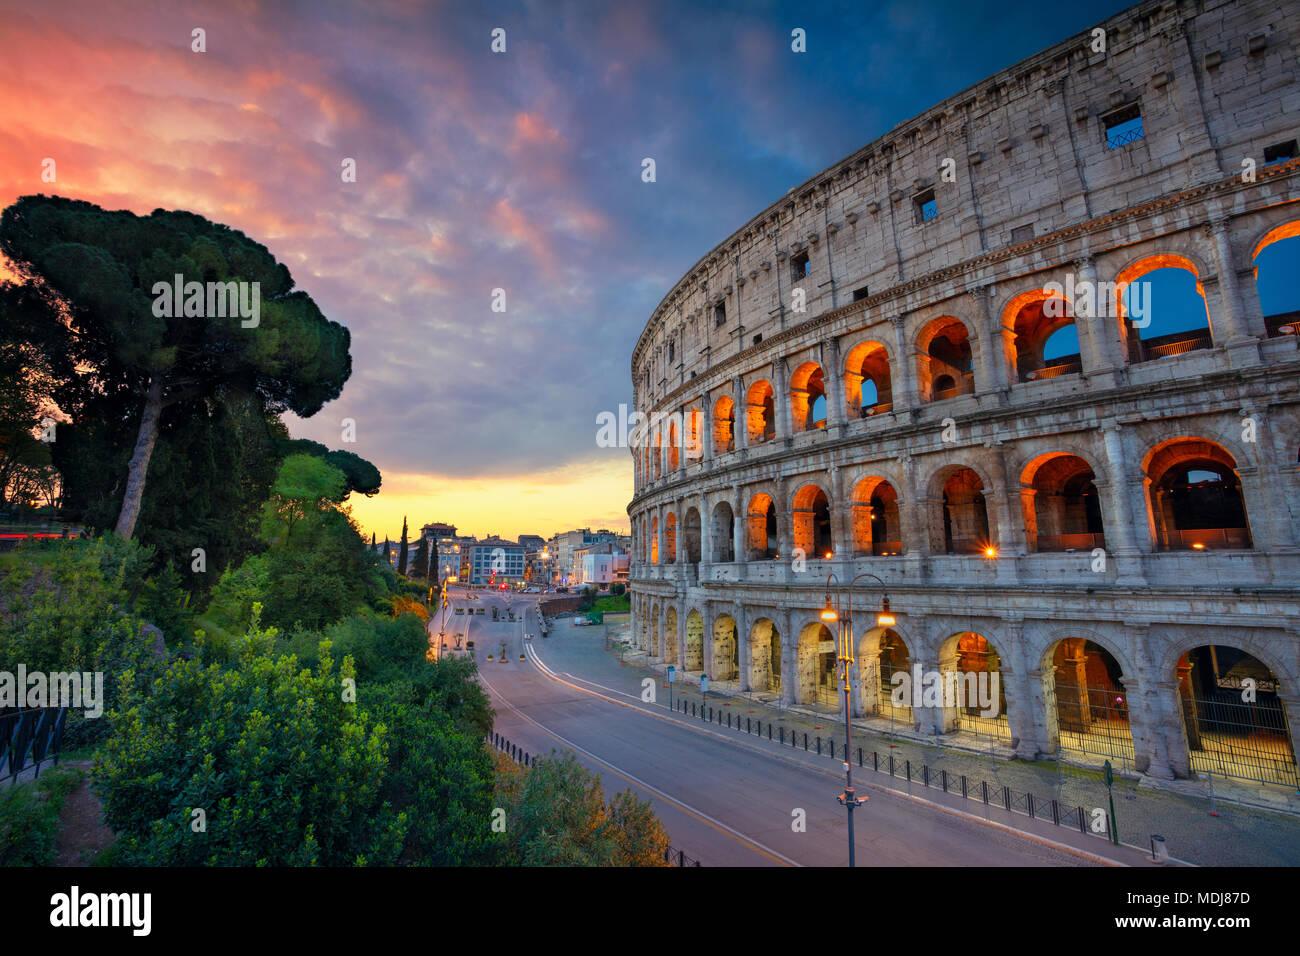 Colosseo. Immagine del famoso Colosseo a Roma, Italia durante la bellissima alba. Immagini Stock